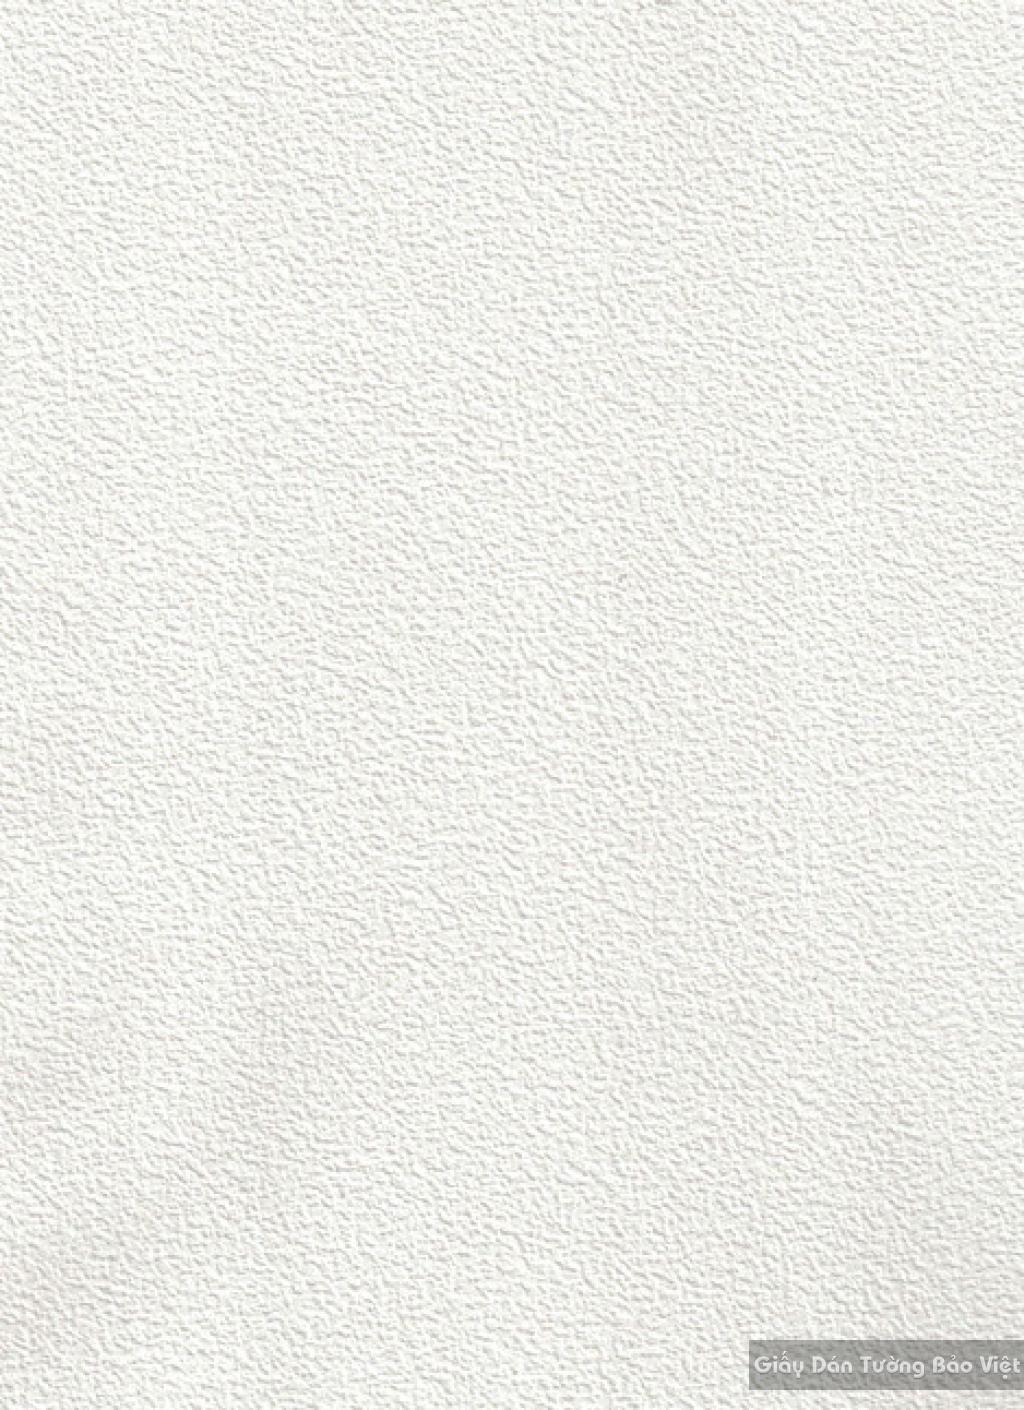 Giấy dán tường Hàn Quốc 65000-2